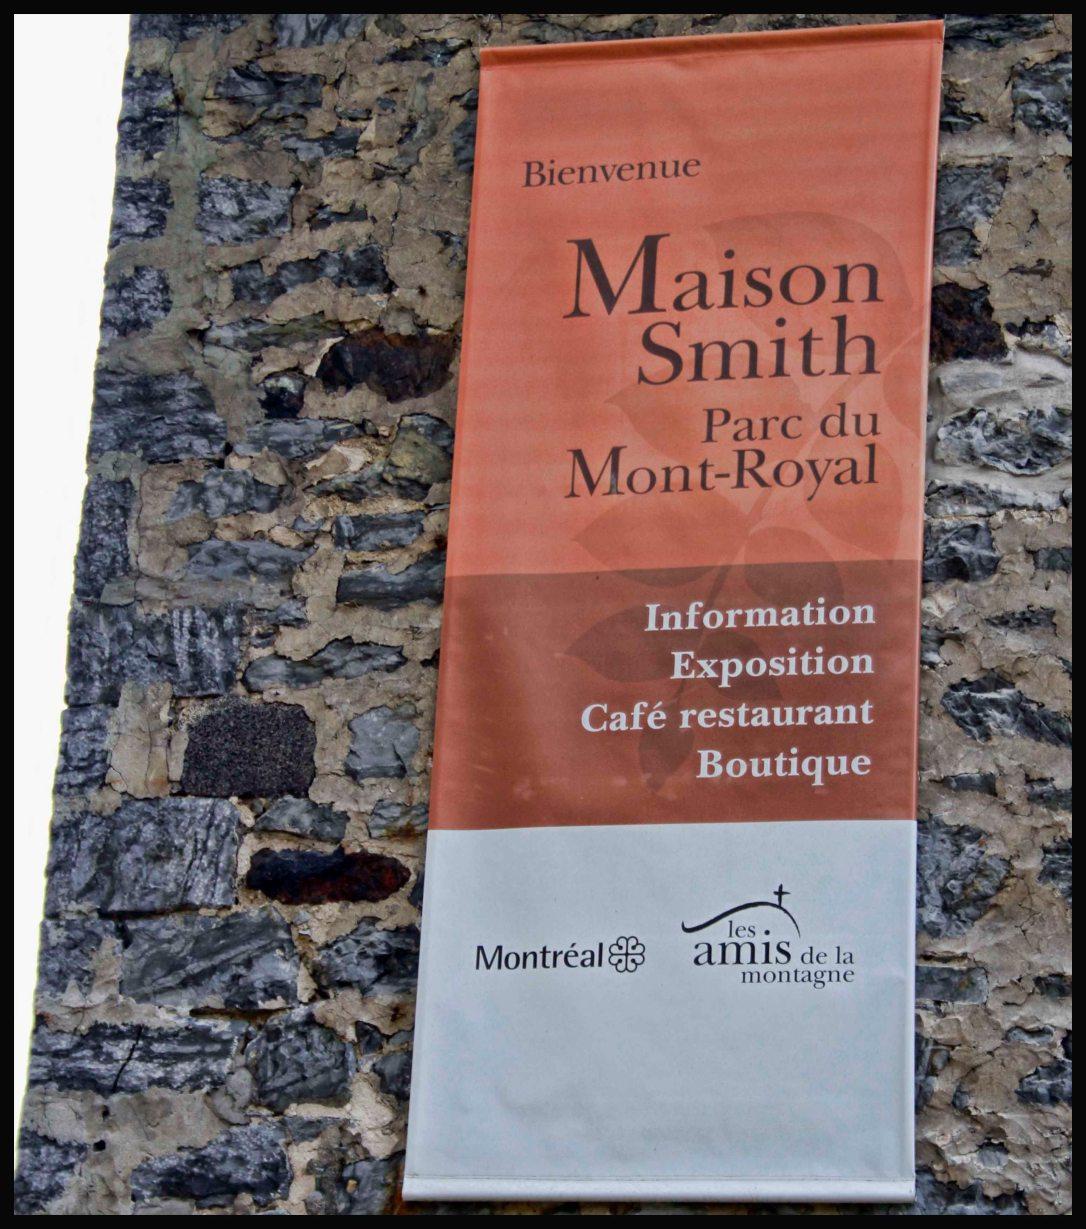 MaisonSmith